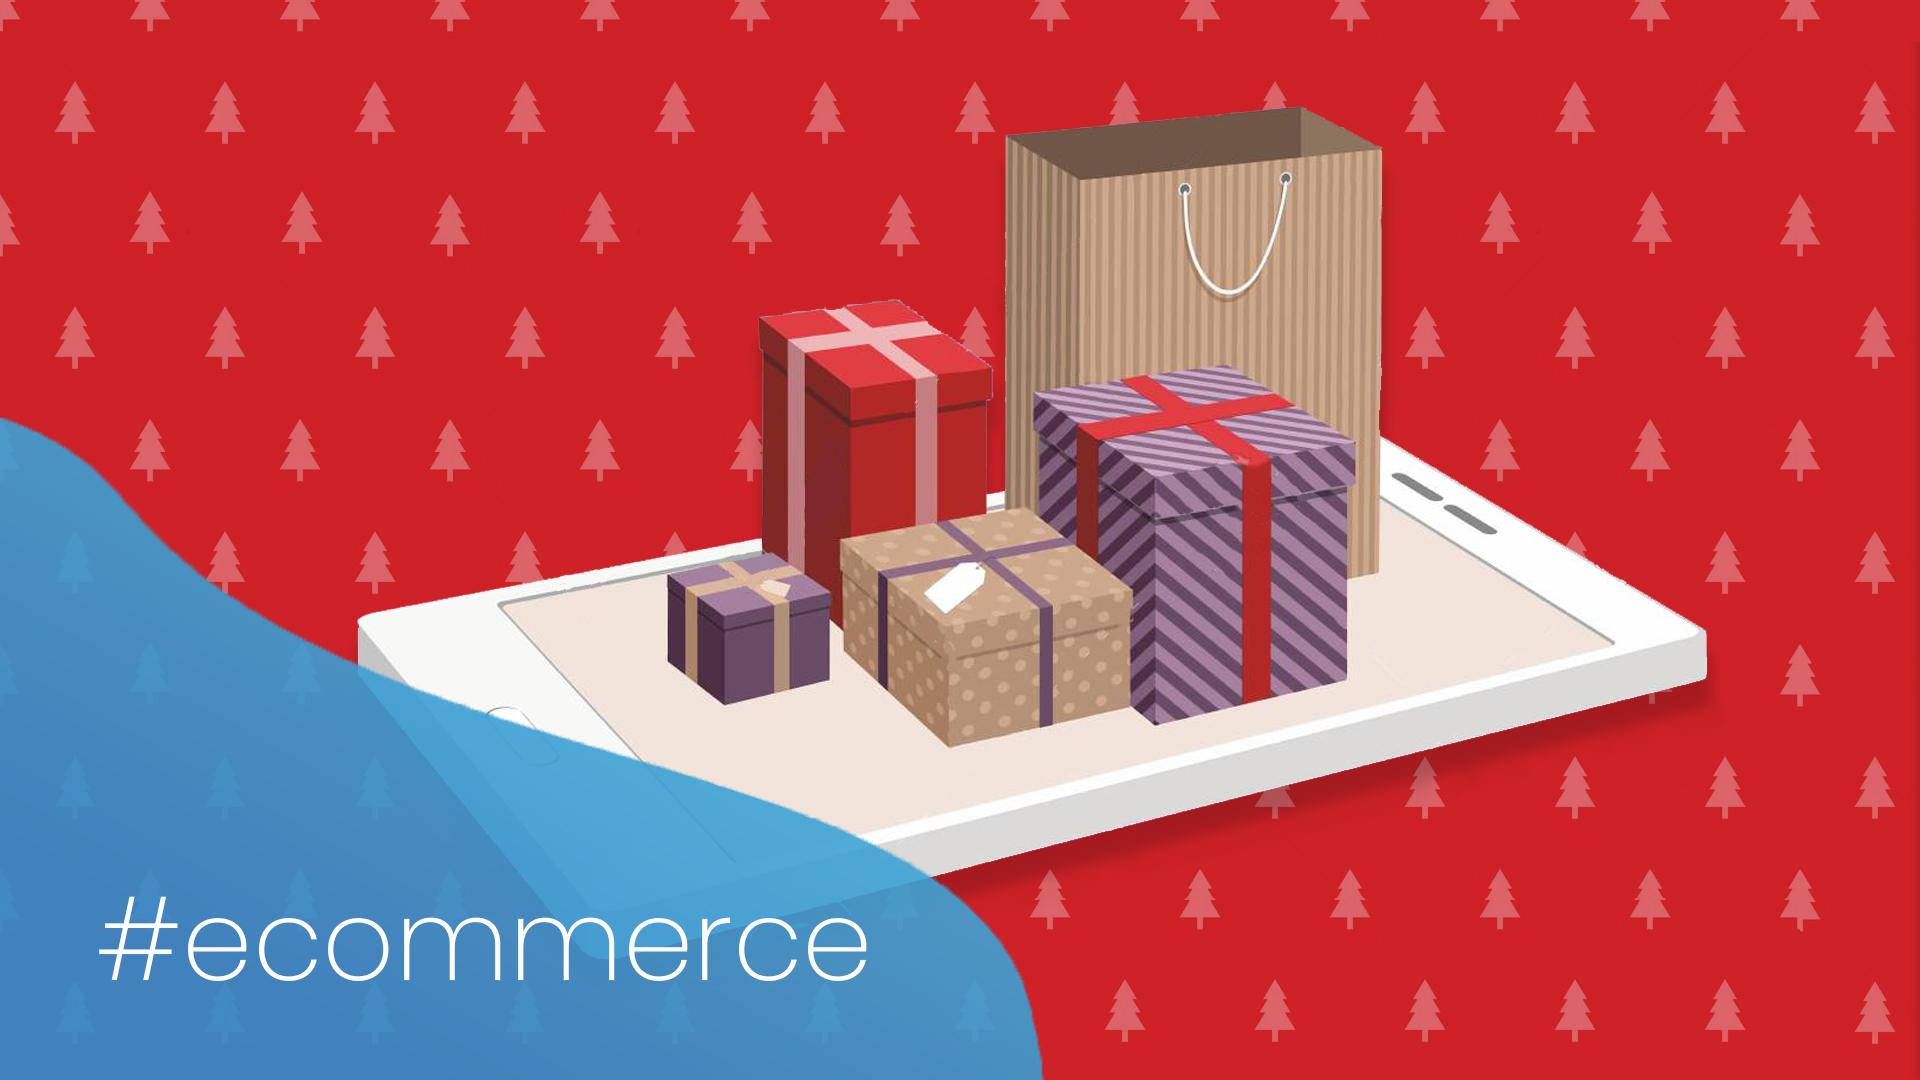 Jak zwiększyć sprzedaż w e-sklepie w okresie świąt Bożego Narodzenia?